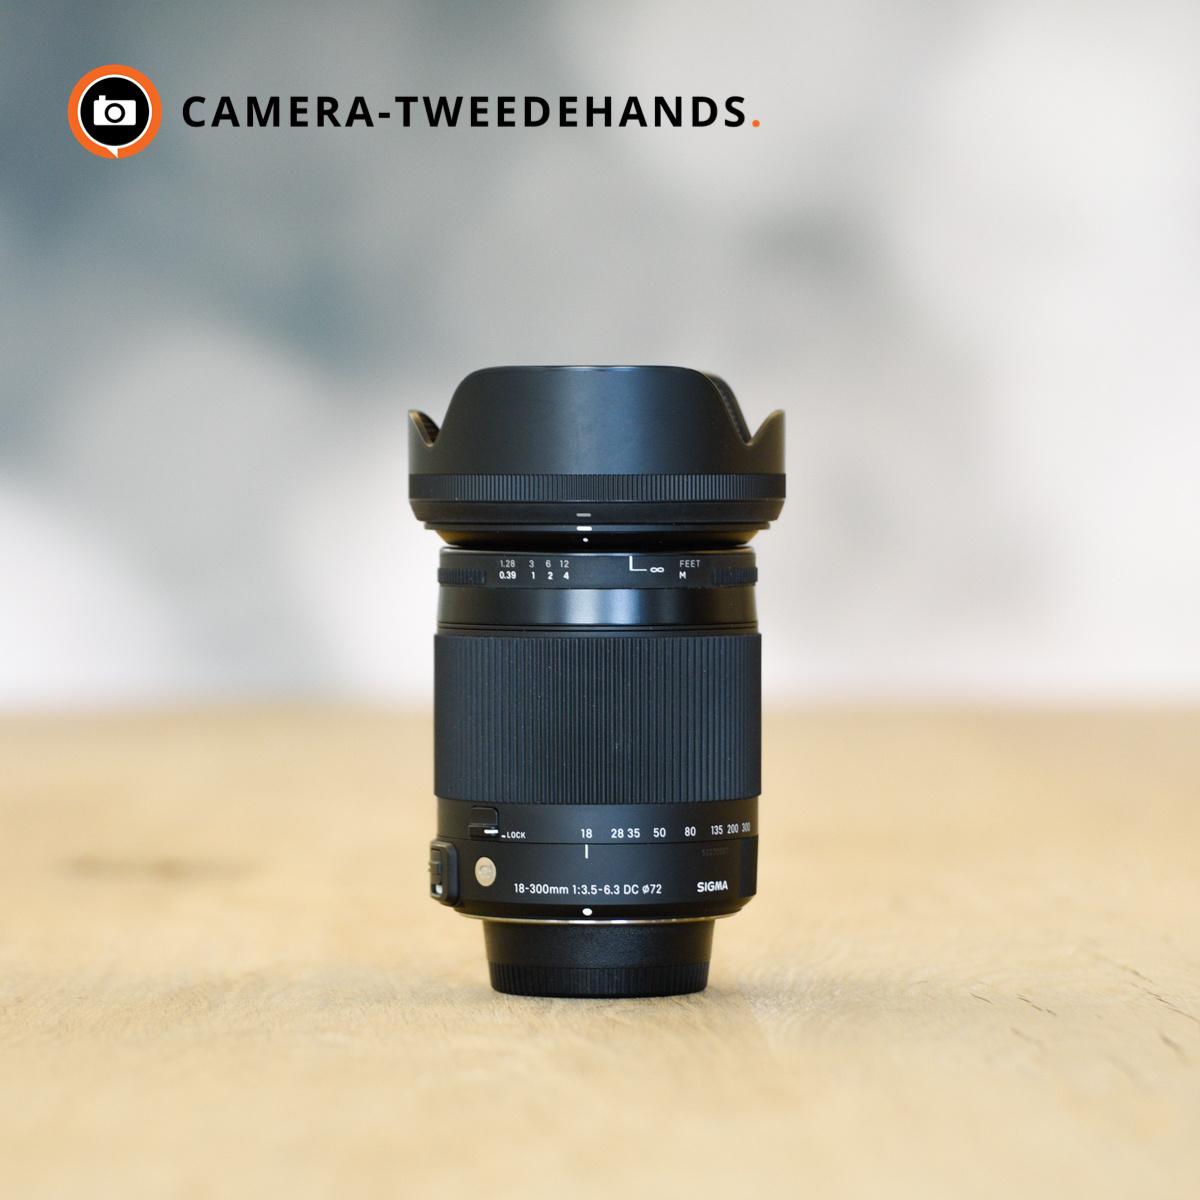 Sigma Sigma 18-300mm 3.5-6.3 DC Macro C (Nikon)